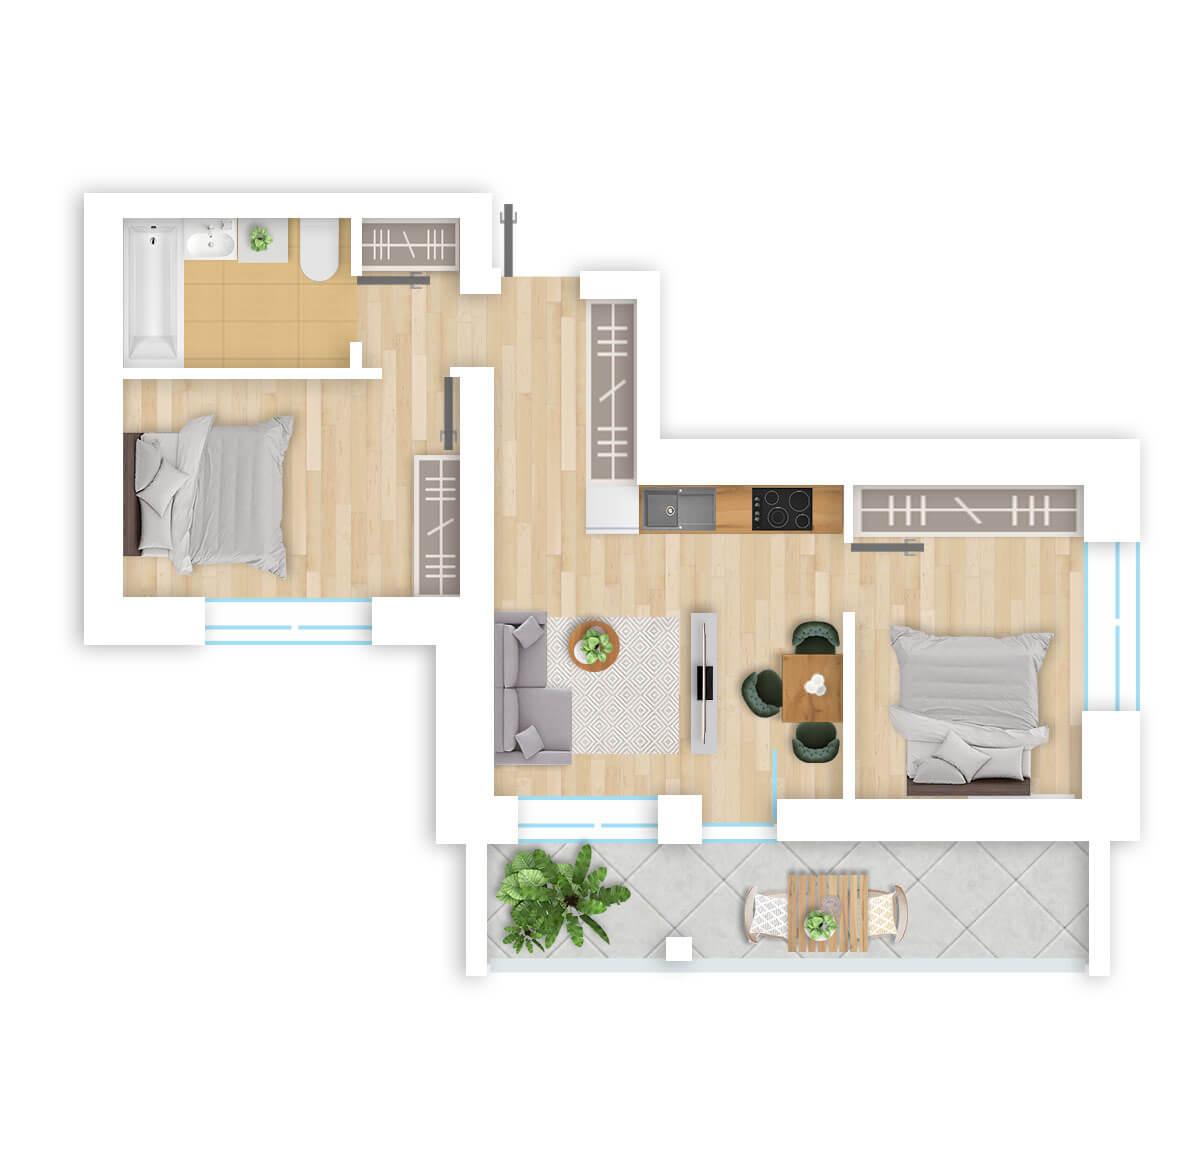 parduodamas butas Lazdynėlių g. 16B - 24 Vilniuje, buto 3D vaizdas